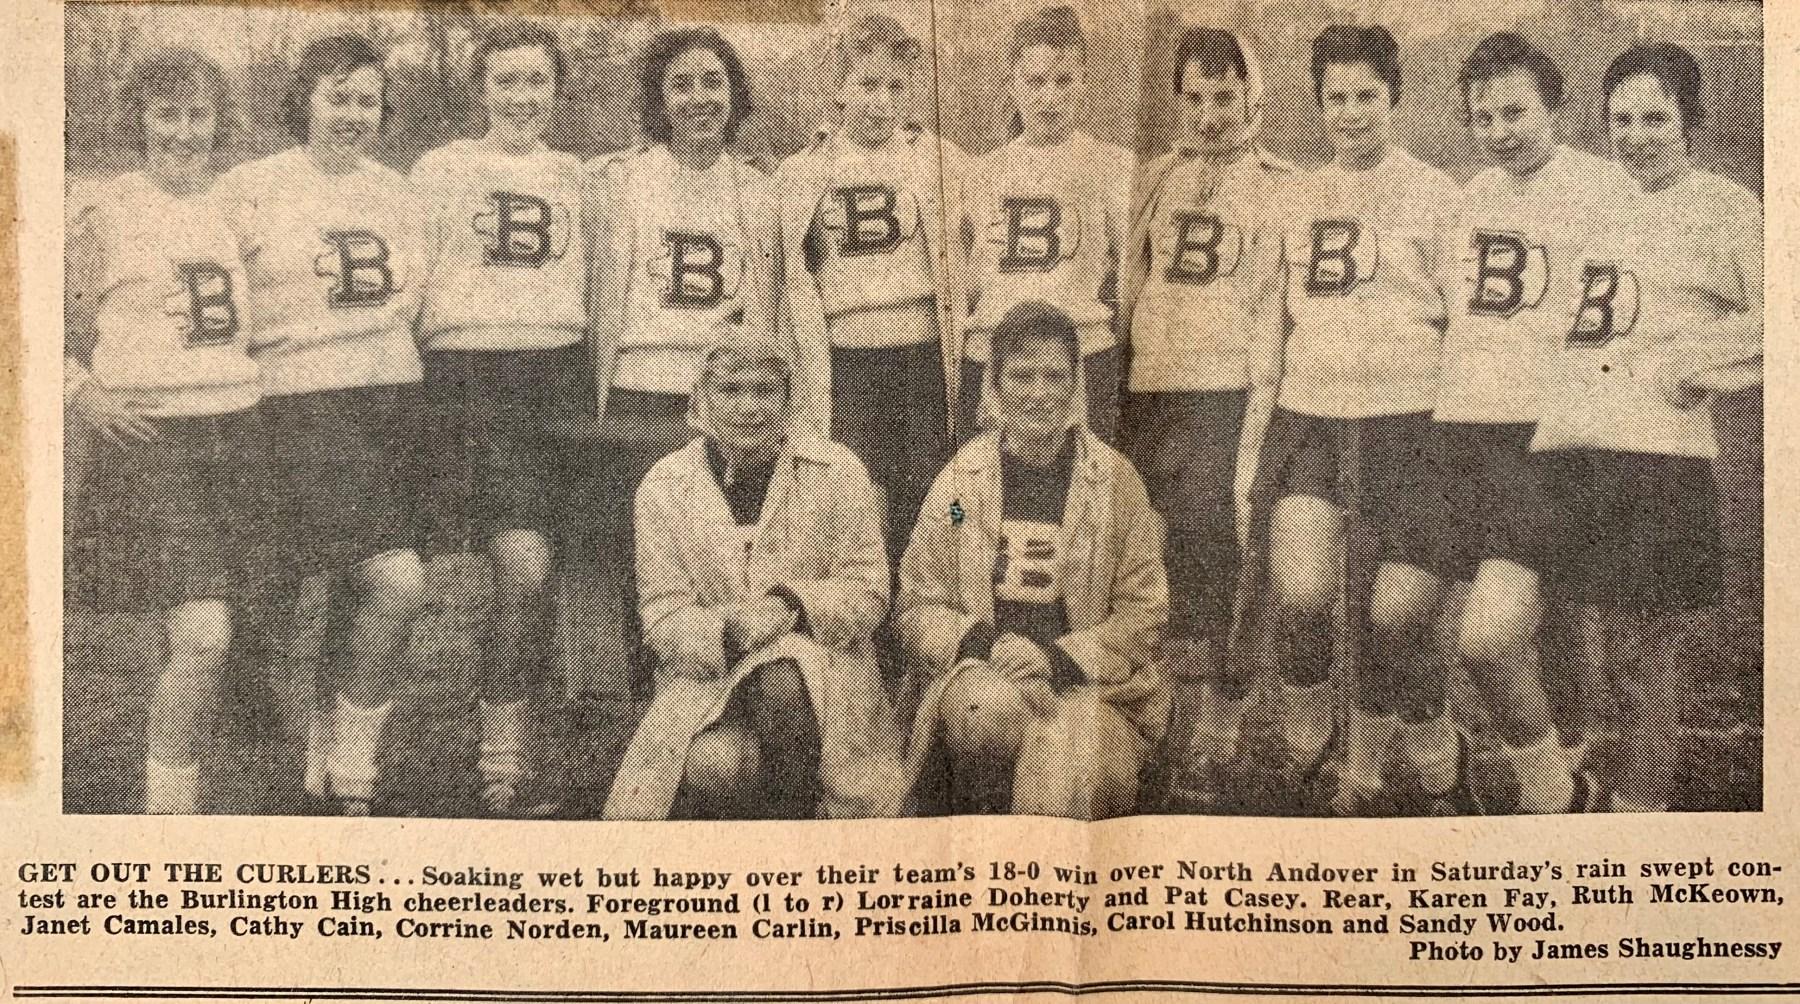 1956 Burlington High School football cheerleaders